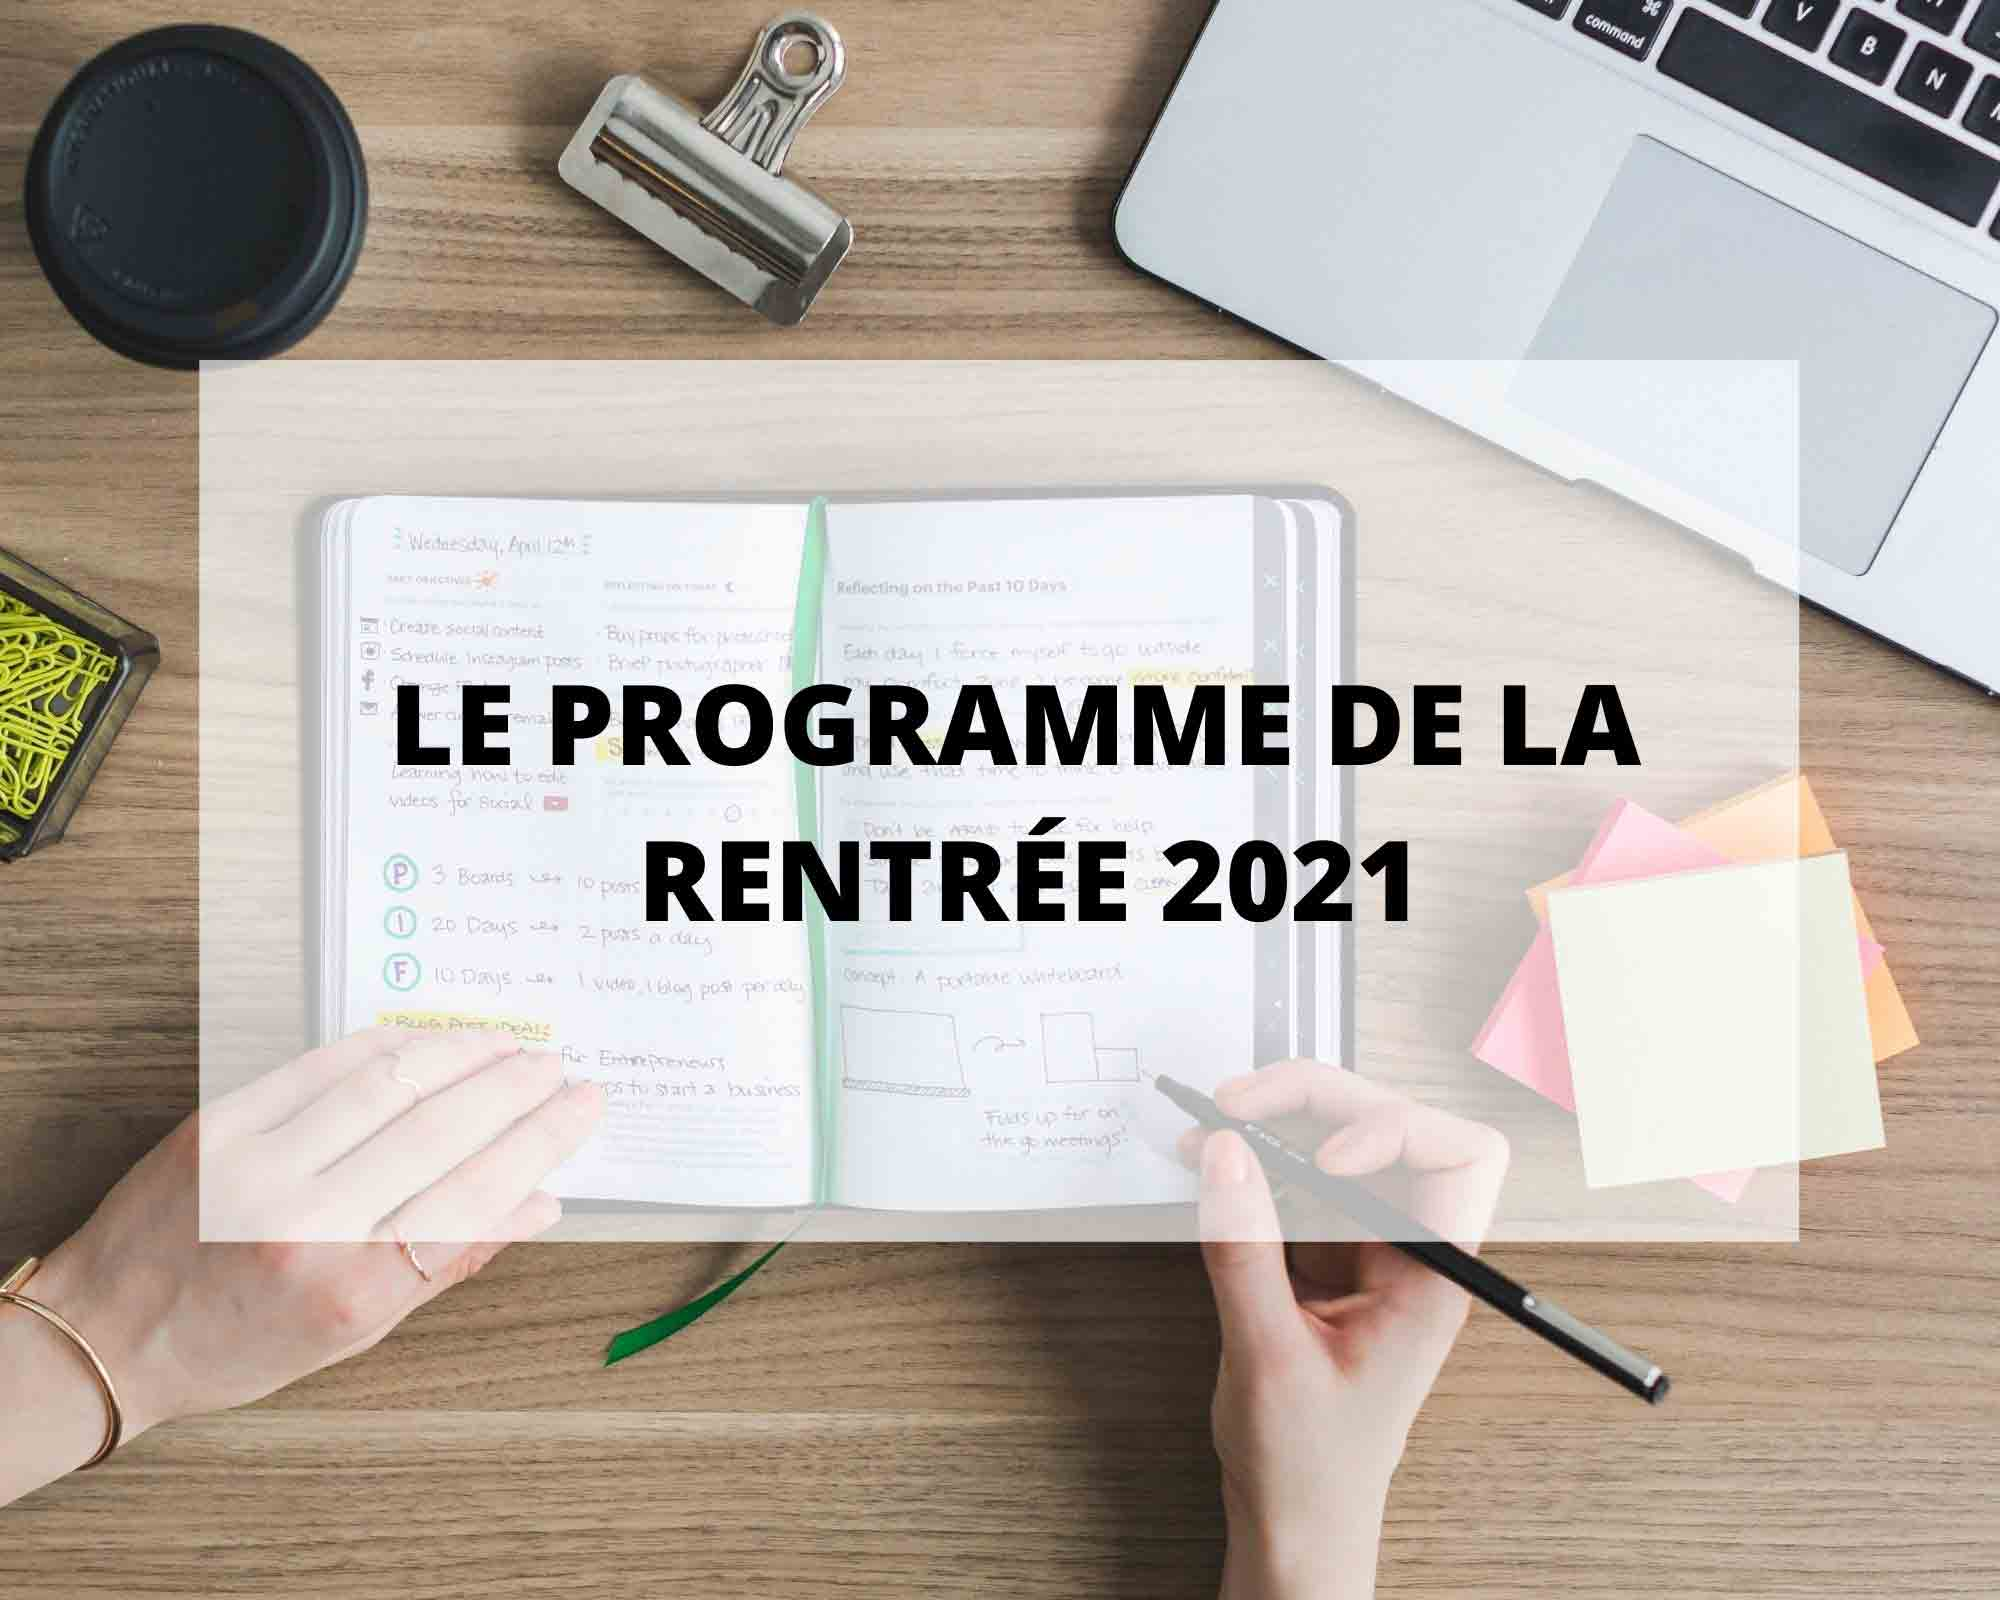 Le programme pour la rentrée 2021 de Sans Prétention, interview Europe 1, boutique éphémère à Paris et Nantes